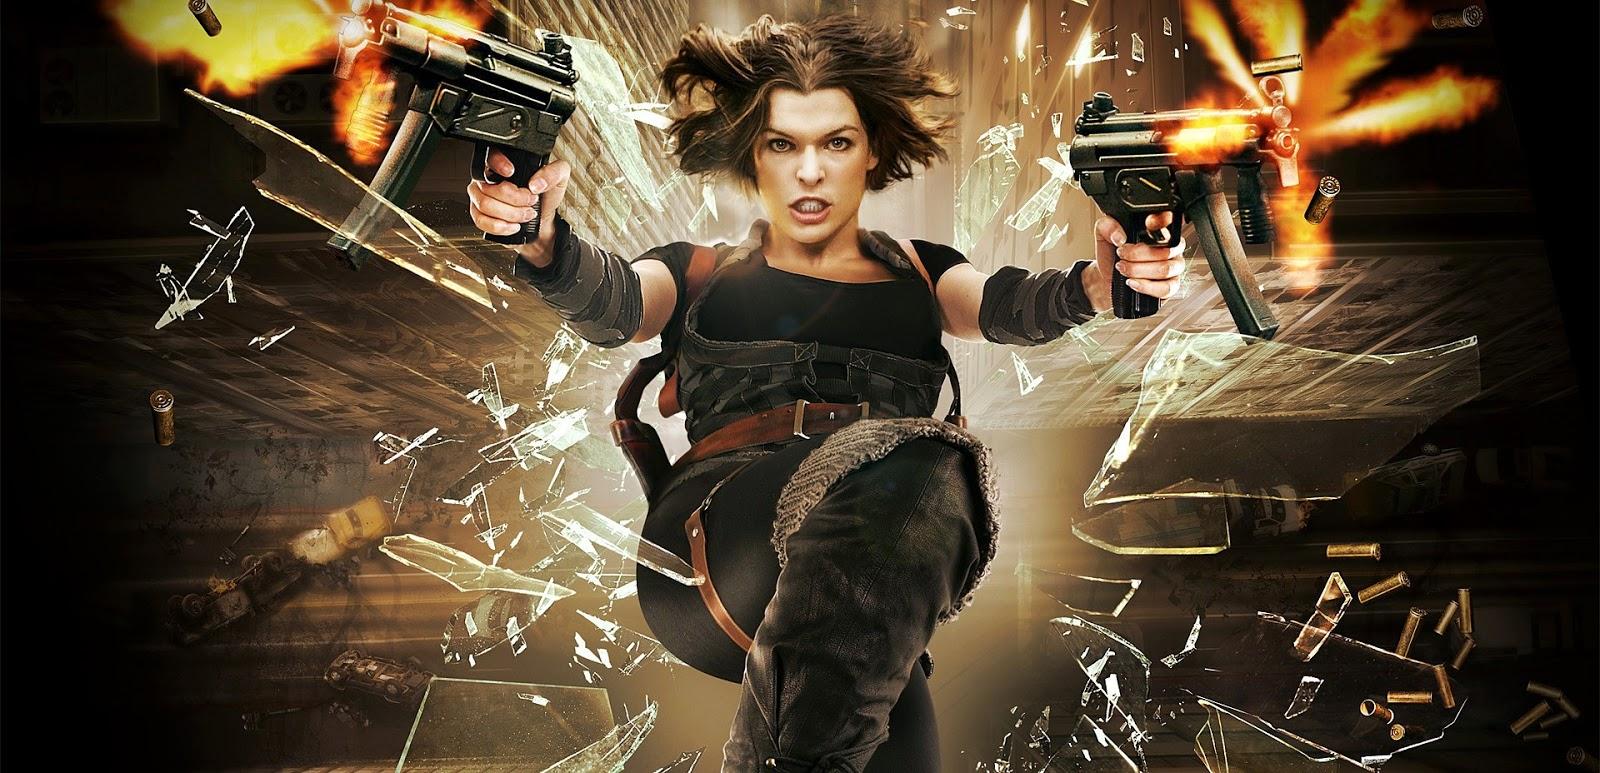 Paul WS Anderson confirma que Resident Evil 6 será o último filme da franquia & revela novo título